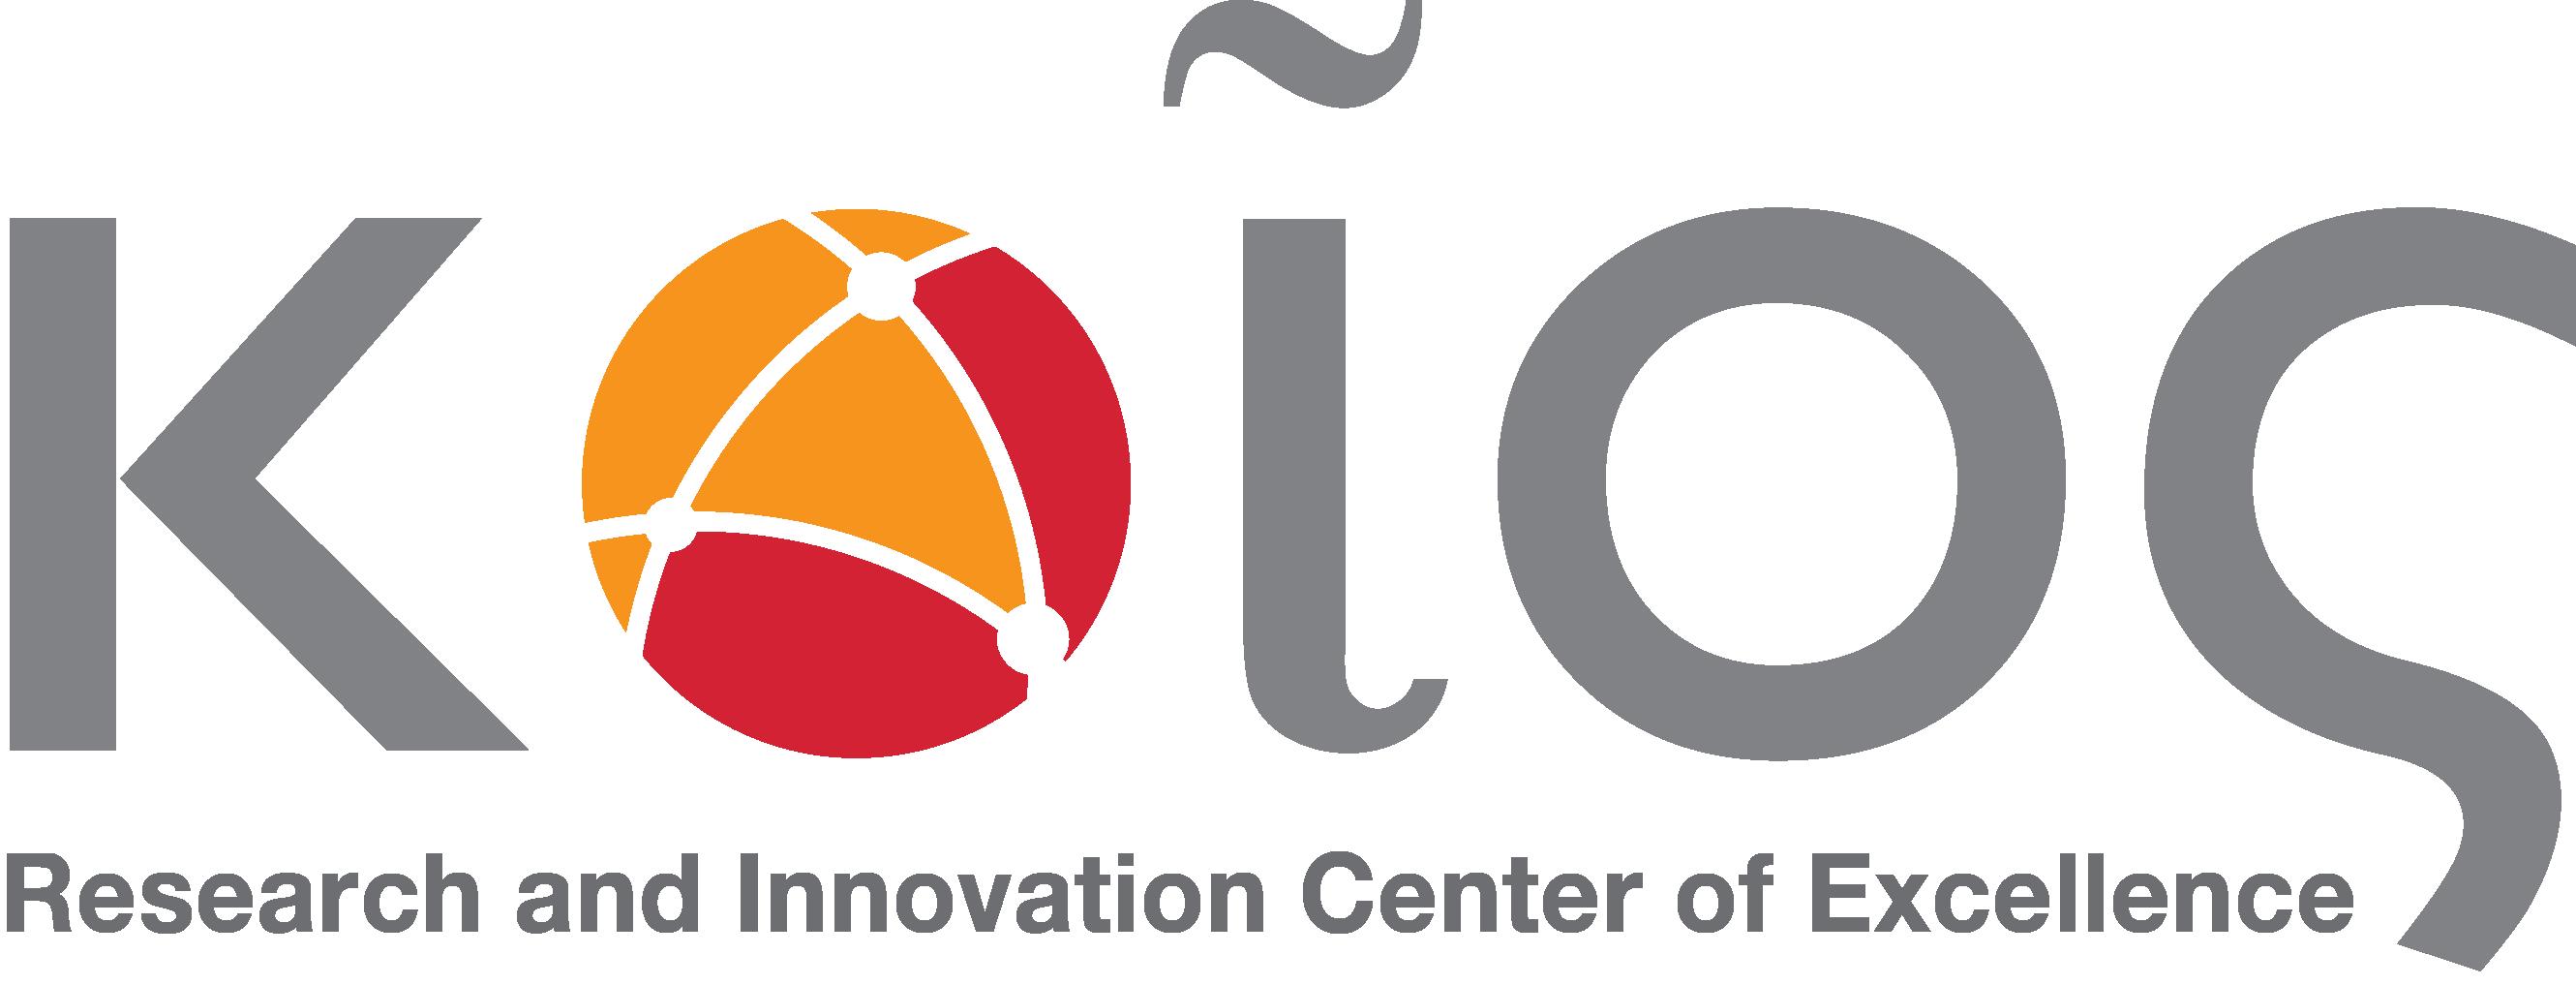 kios_logo